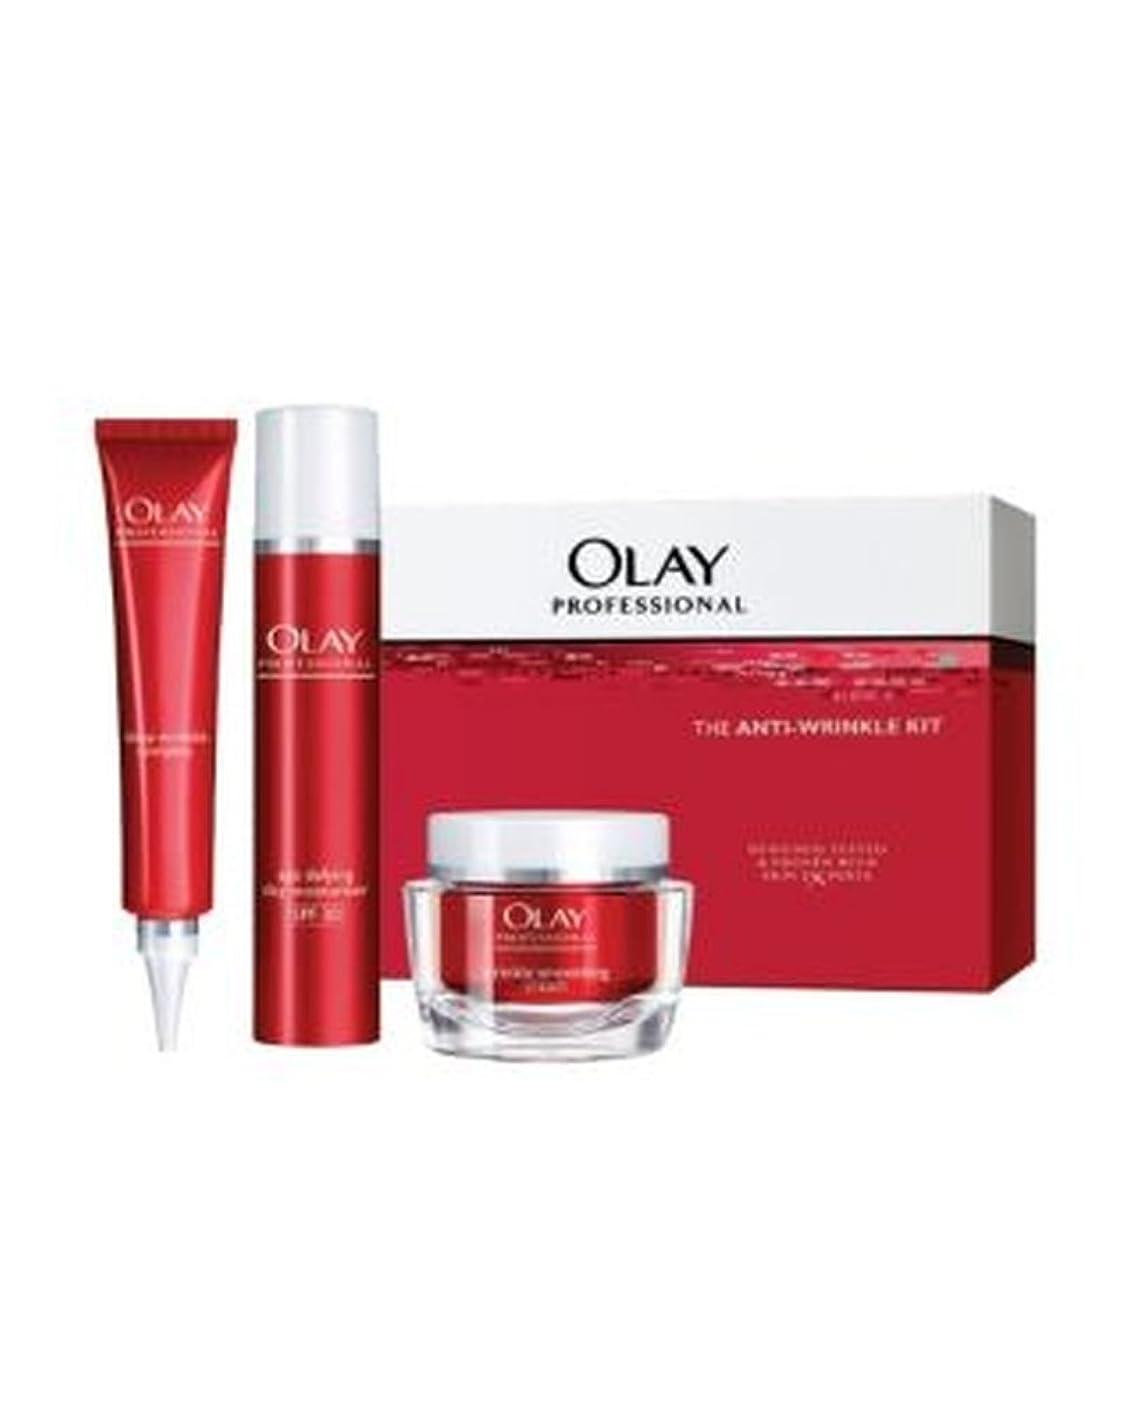 巧みな包帯執着オーレイプロ抗しわキット (Olay) (x2) - Olay Professional Anti-Wrinkle Kit (Pack of 2) [並行輸入品]